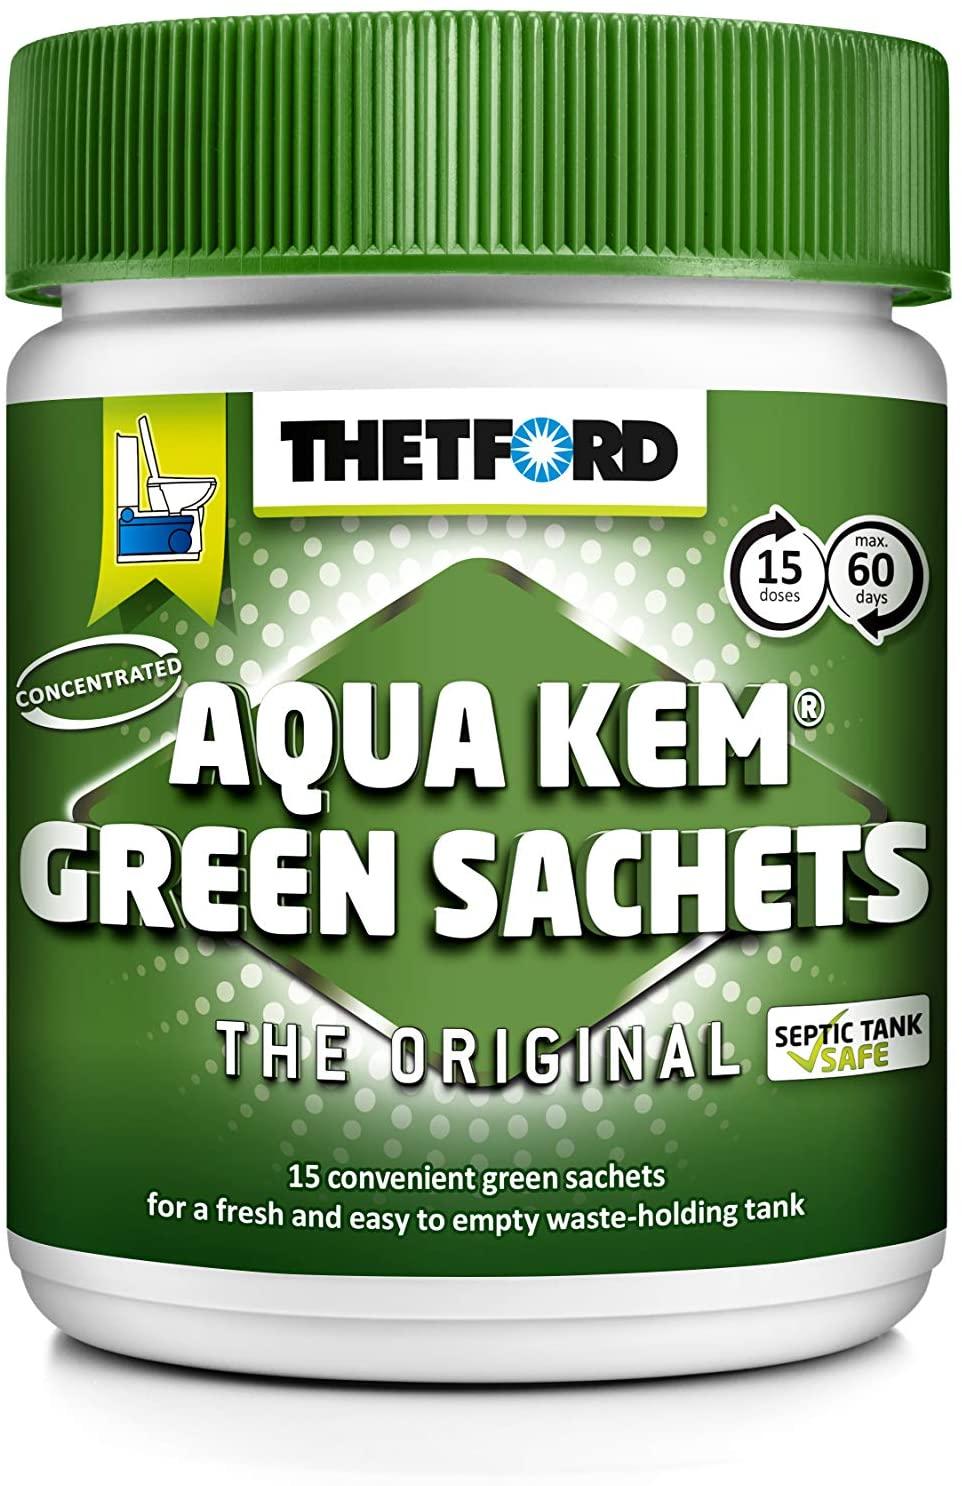 Thetford Aquakem Green Tub of 5